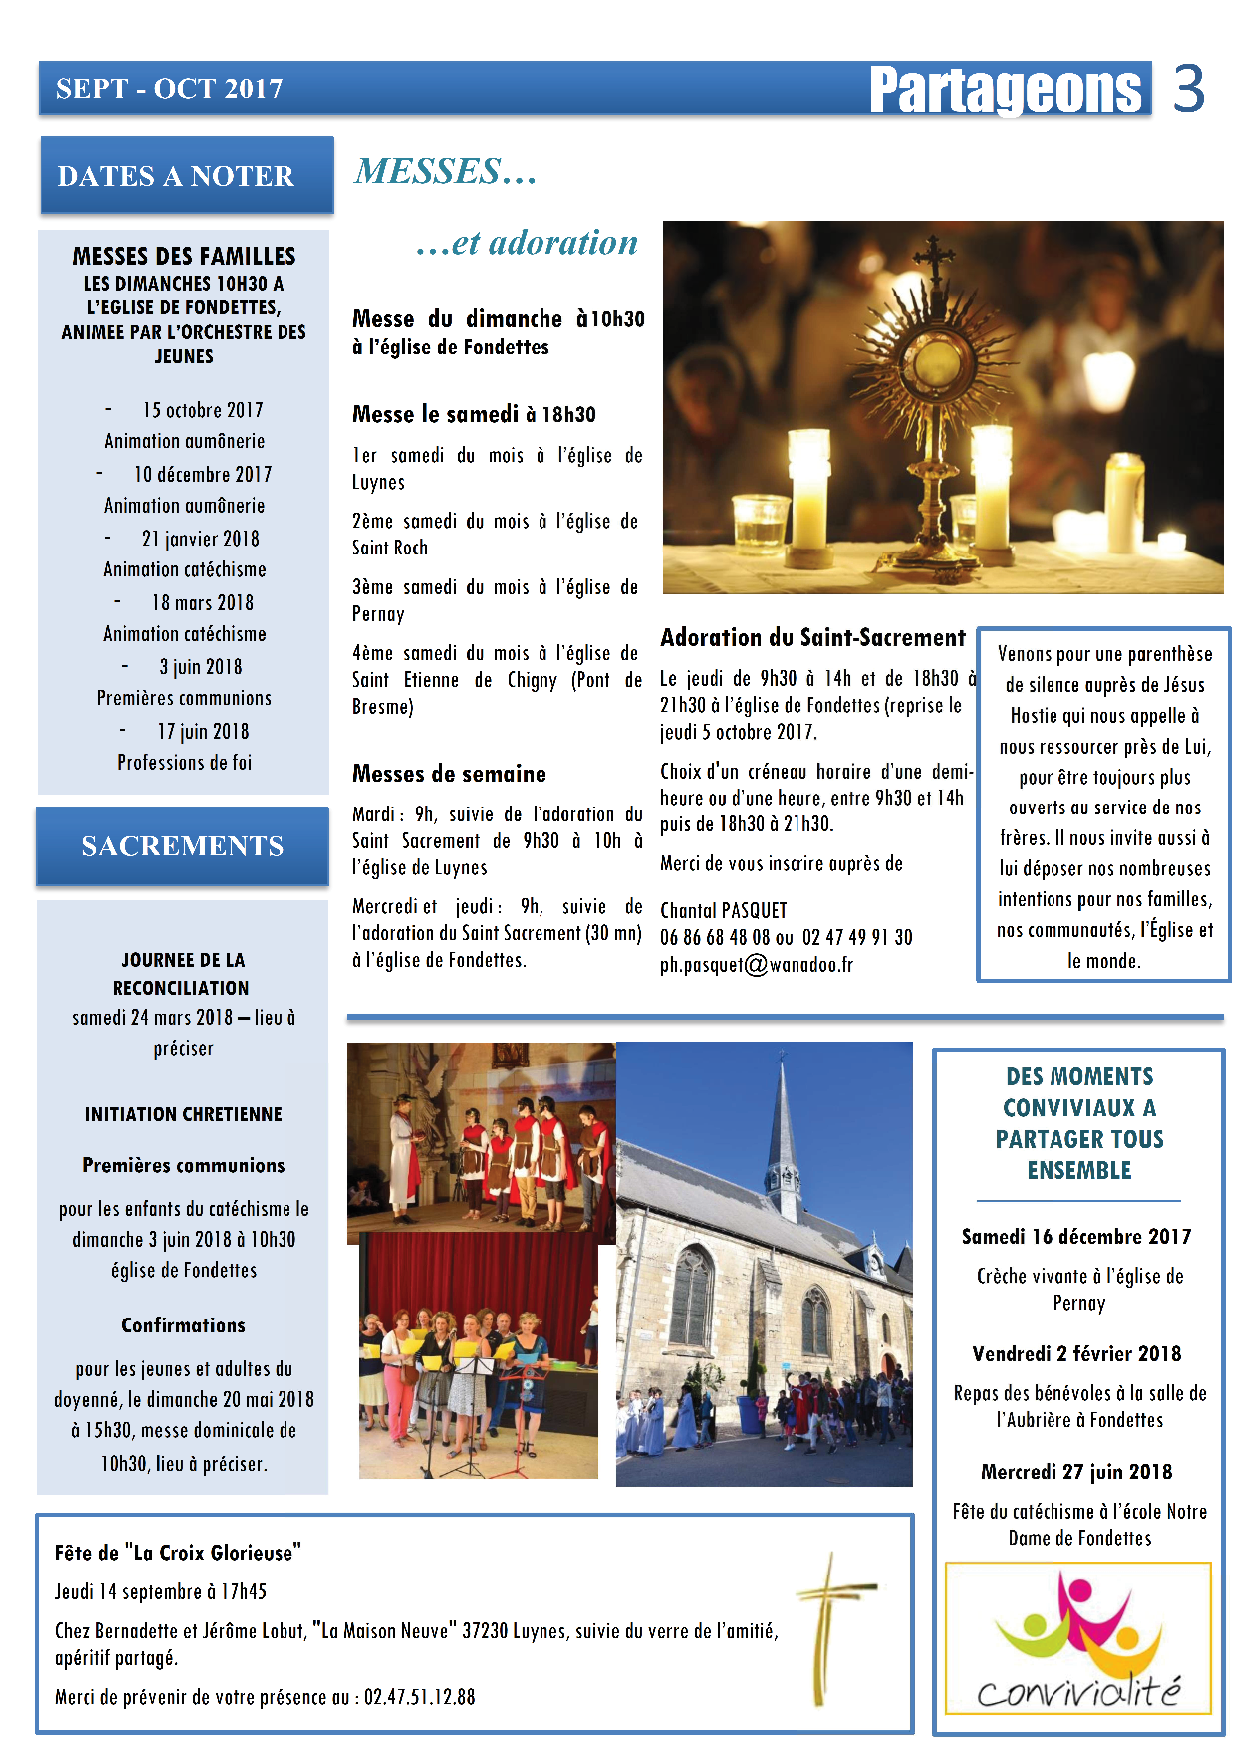 http://www.dclv.fr/DCLV_WEB/photos_news/3et4.png